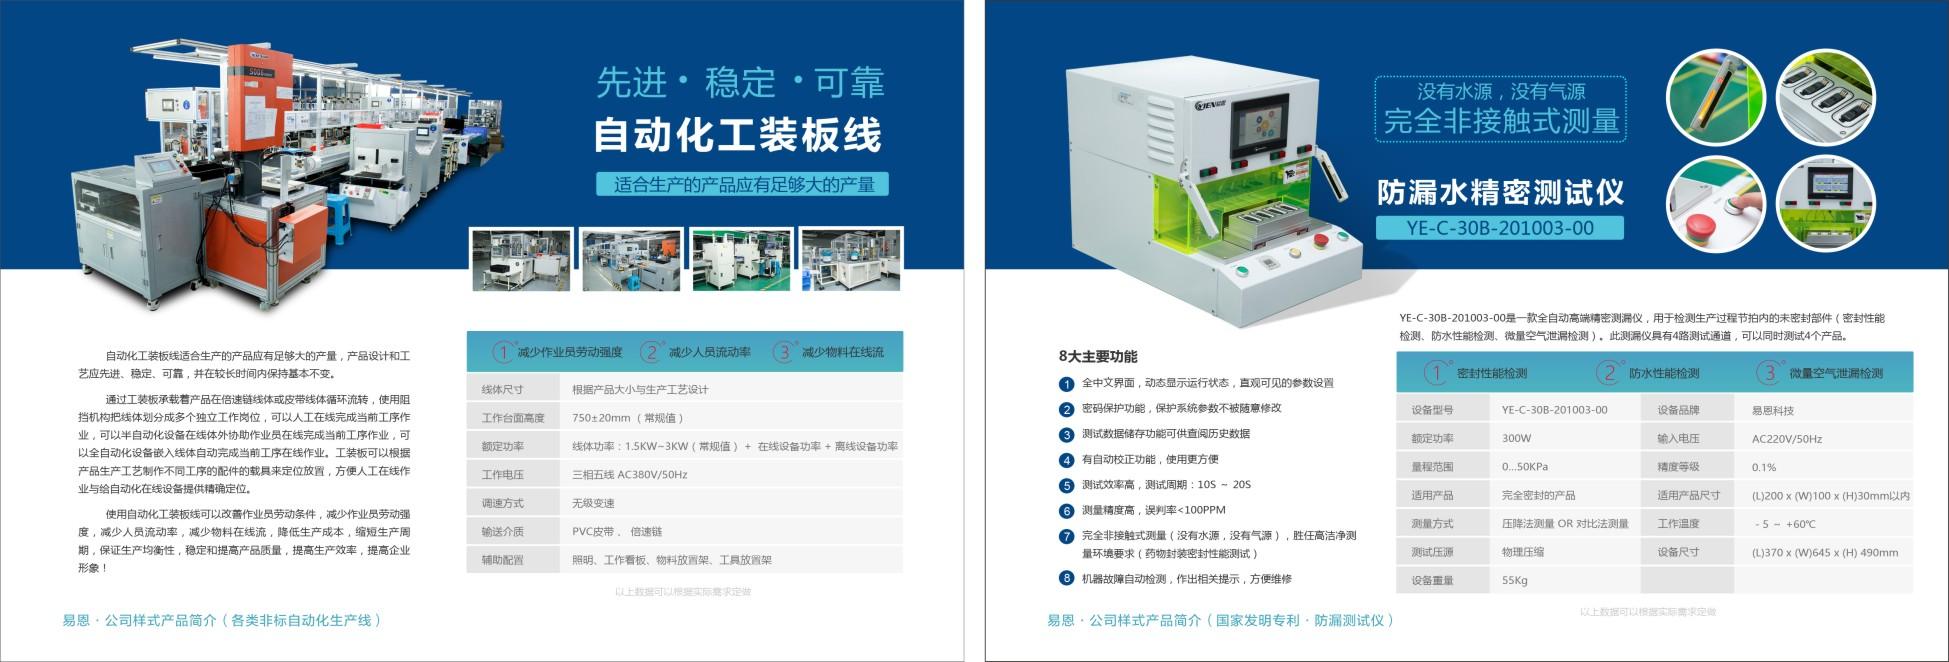 广东易恩智能科技有限公司_才通国际人才网_job001.cn